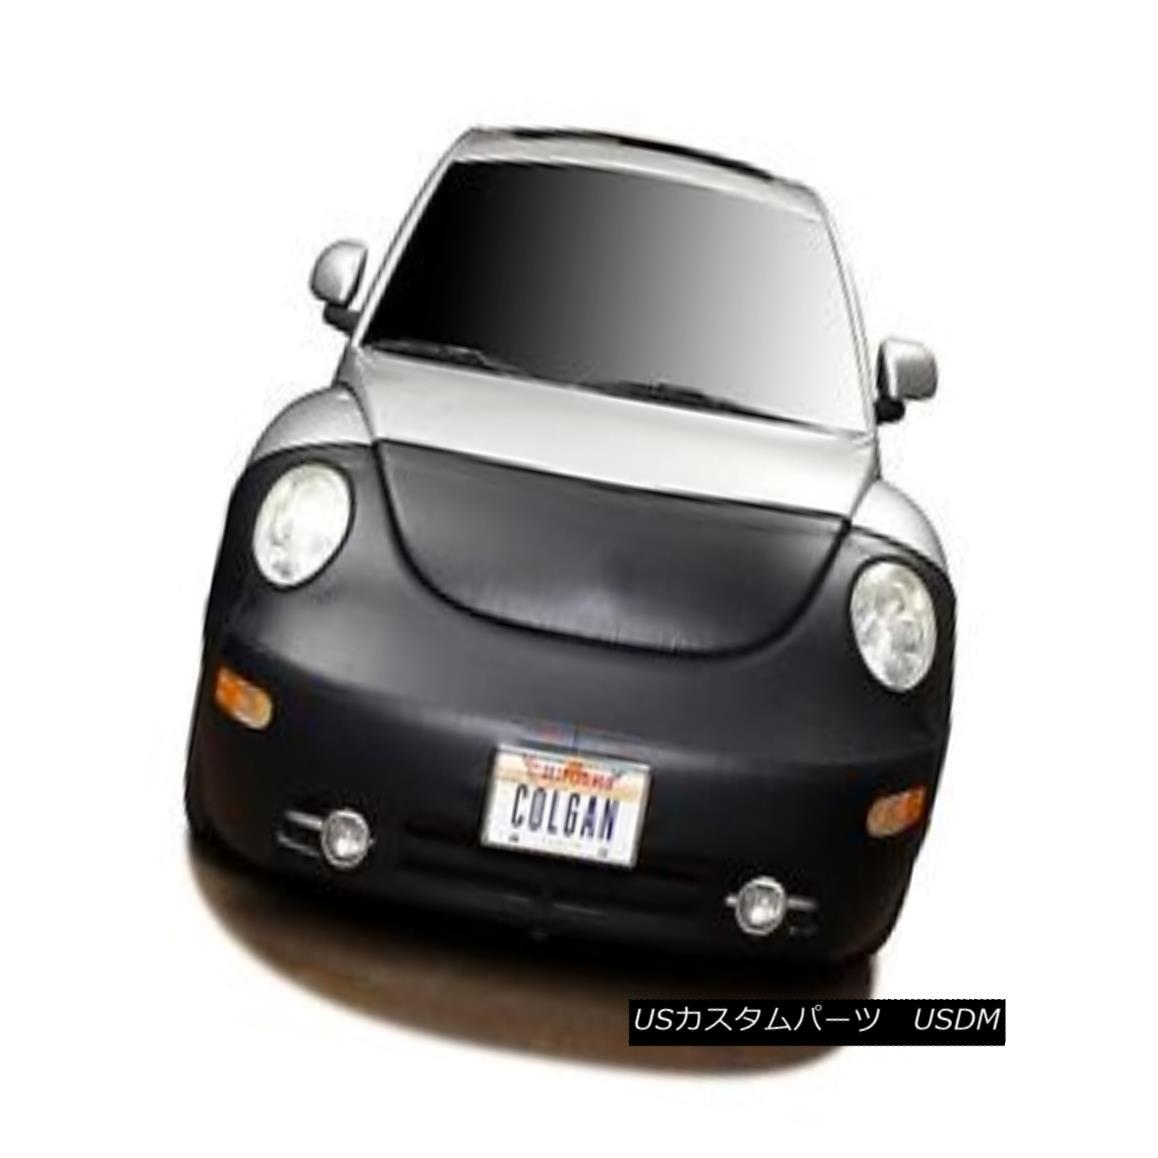 フルブラ ノーズブラ Colgan CF Front End Mask Bra 2pc Fits Toyota Sienna LE, XLE 2011-15 W/Lic. Plate Colgan CFフロントエンドマスクブラ2pcはトヨタSienna LE、XLE 2011-15 W / Licに適合します。 プレート